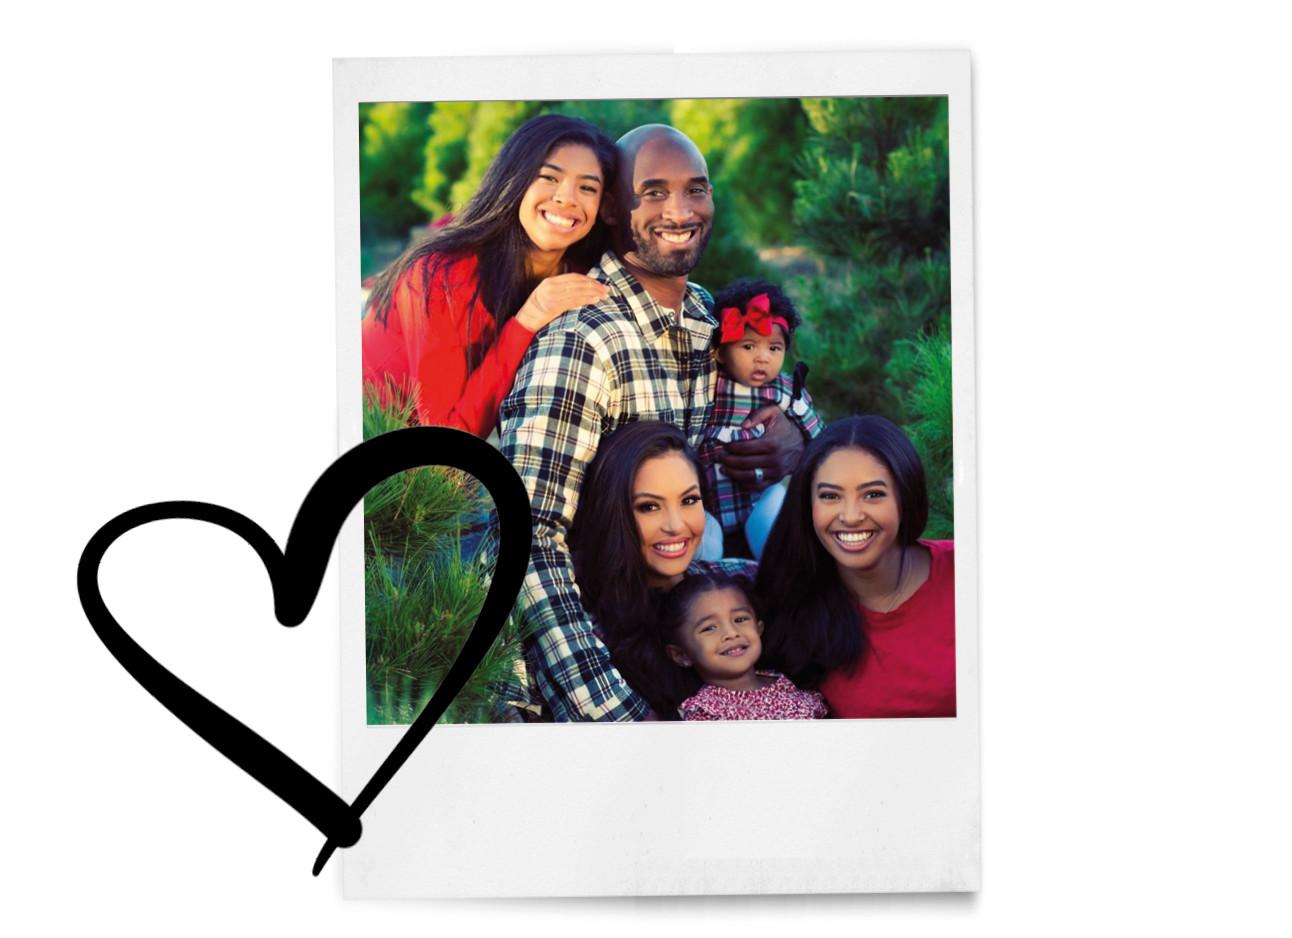 beeld van de familie bryant